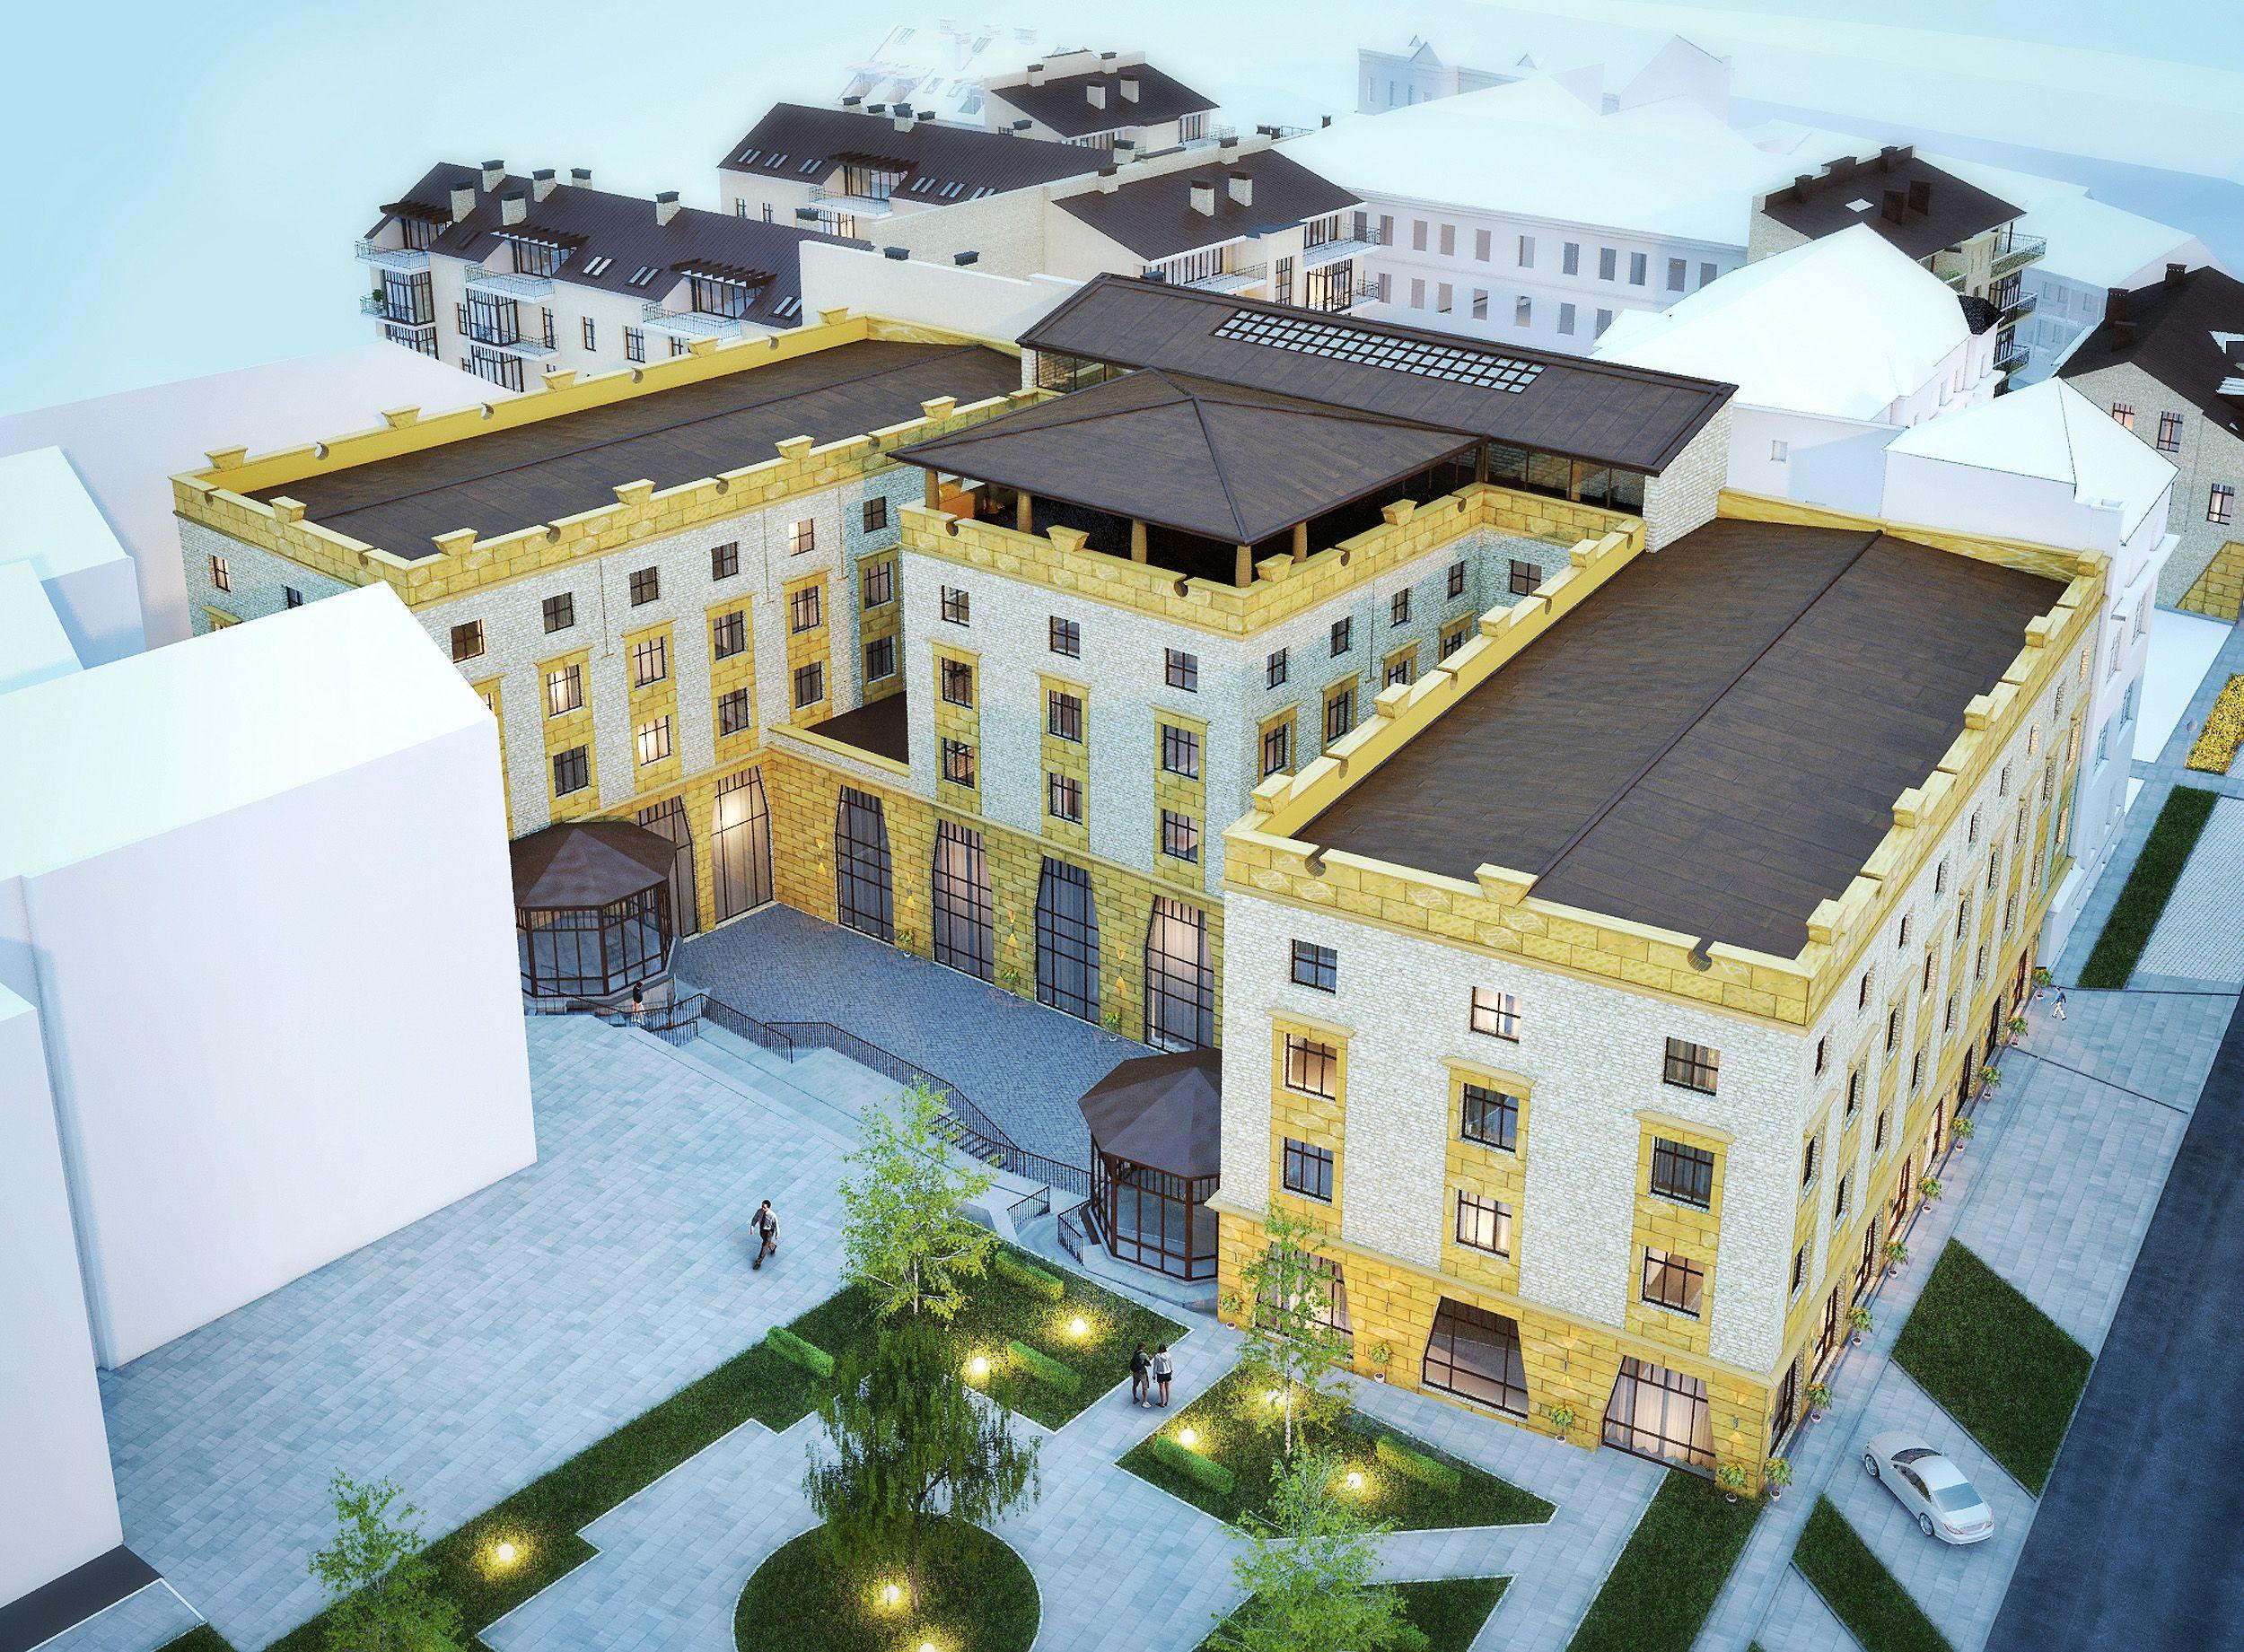 Investicinis projektas Vilniaus senamiestyje �Radvil� valda� � jau �Vastint� nuosavyb�